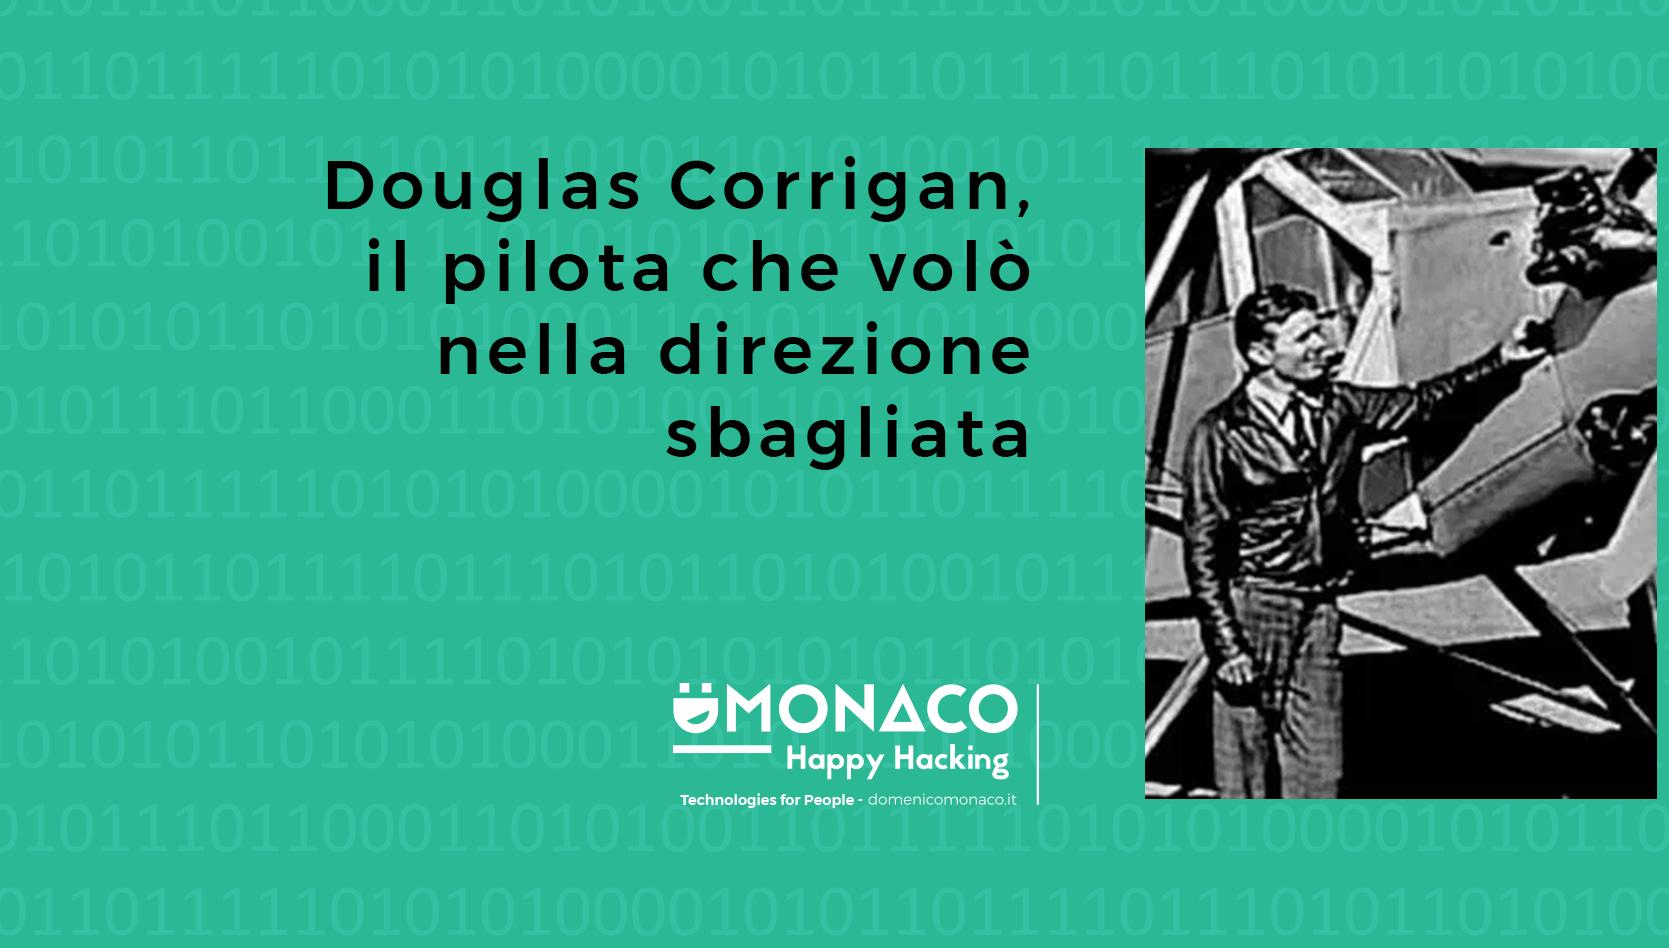 Douglas Corrigan, il pilota che volò nella direzione sbagliata